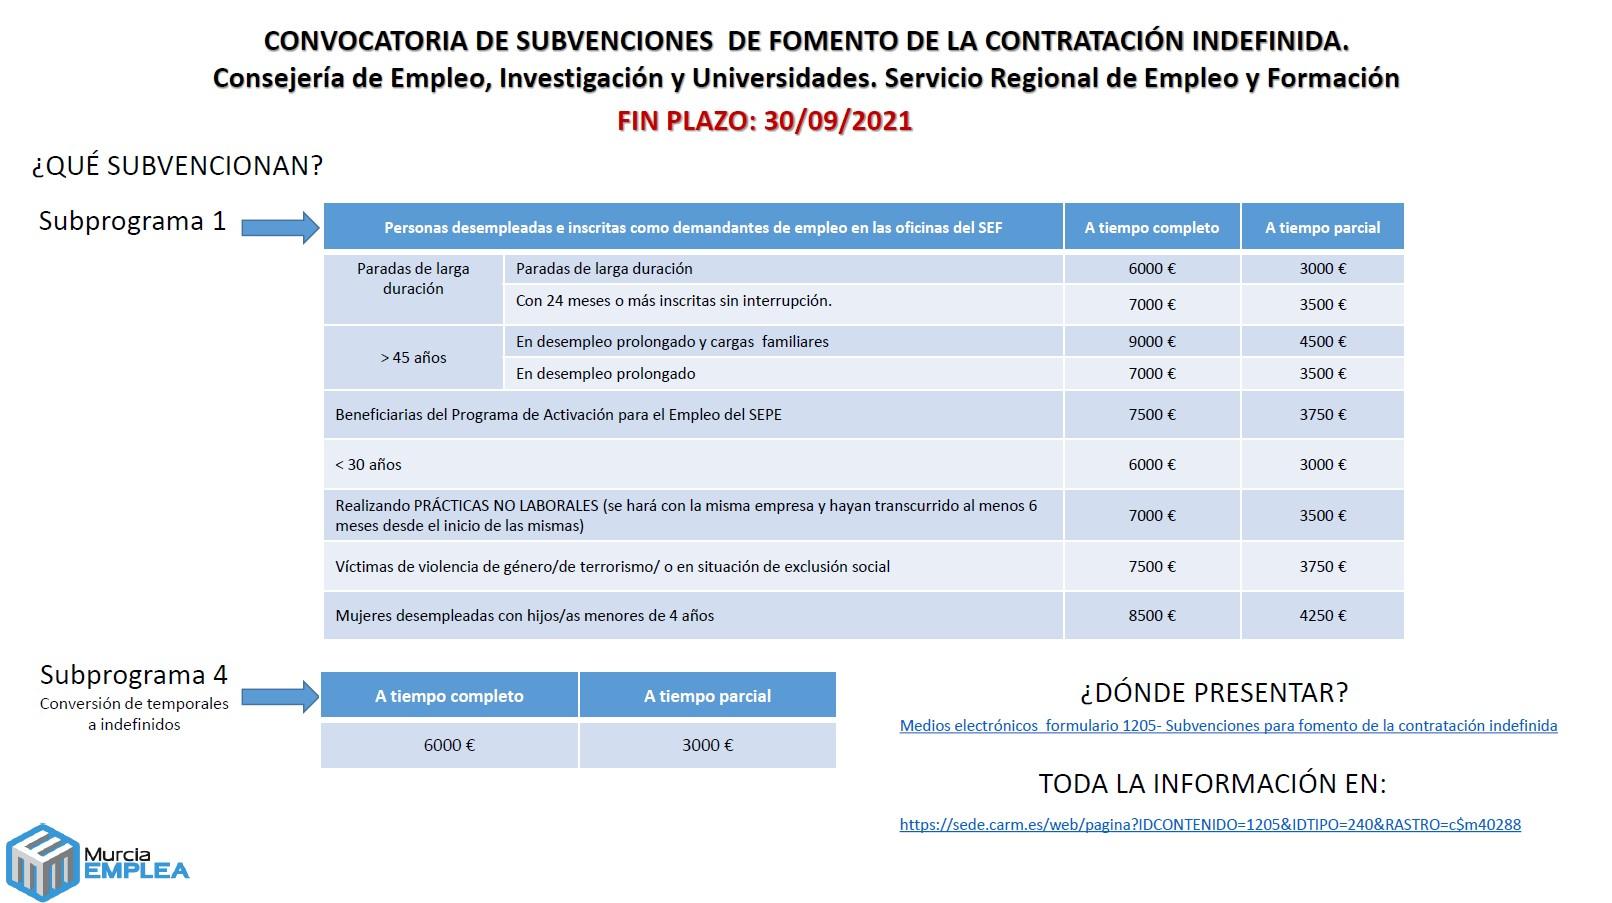 CONVOCATORIA PARA EL AÑO 2021 DE SUBVENCIONES DE FOMENTO DE LA CONTRATACIÓN INDEFINIDA EN LA REGIÓN DE MURCIA